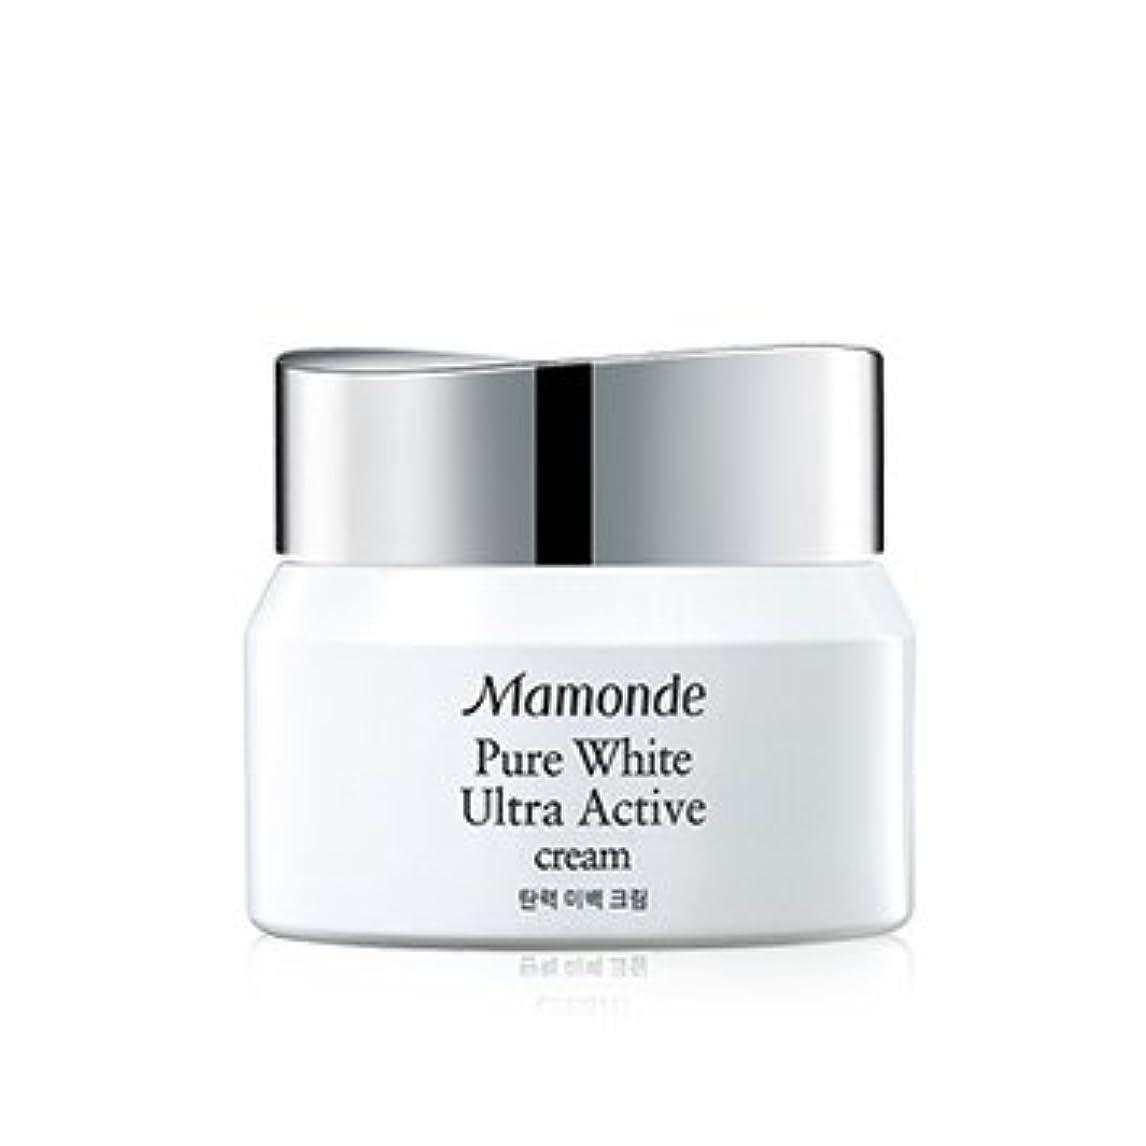 最初はあいまい独創的Mamonde Pure White Ultra Active Cream 50ml/マモンド ピュア ホワイト ウルトラ アクティブ クリーム 50ml [並行輸入品]